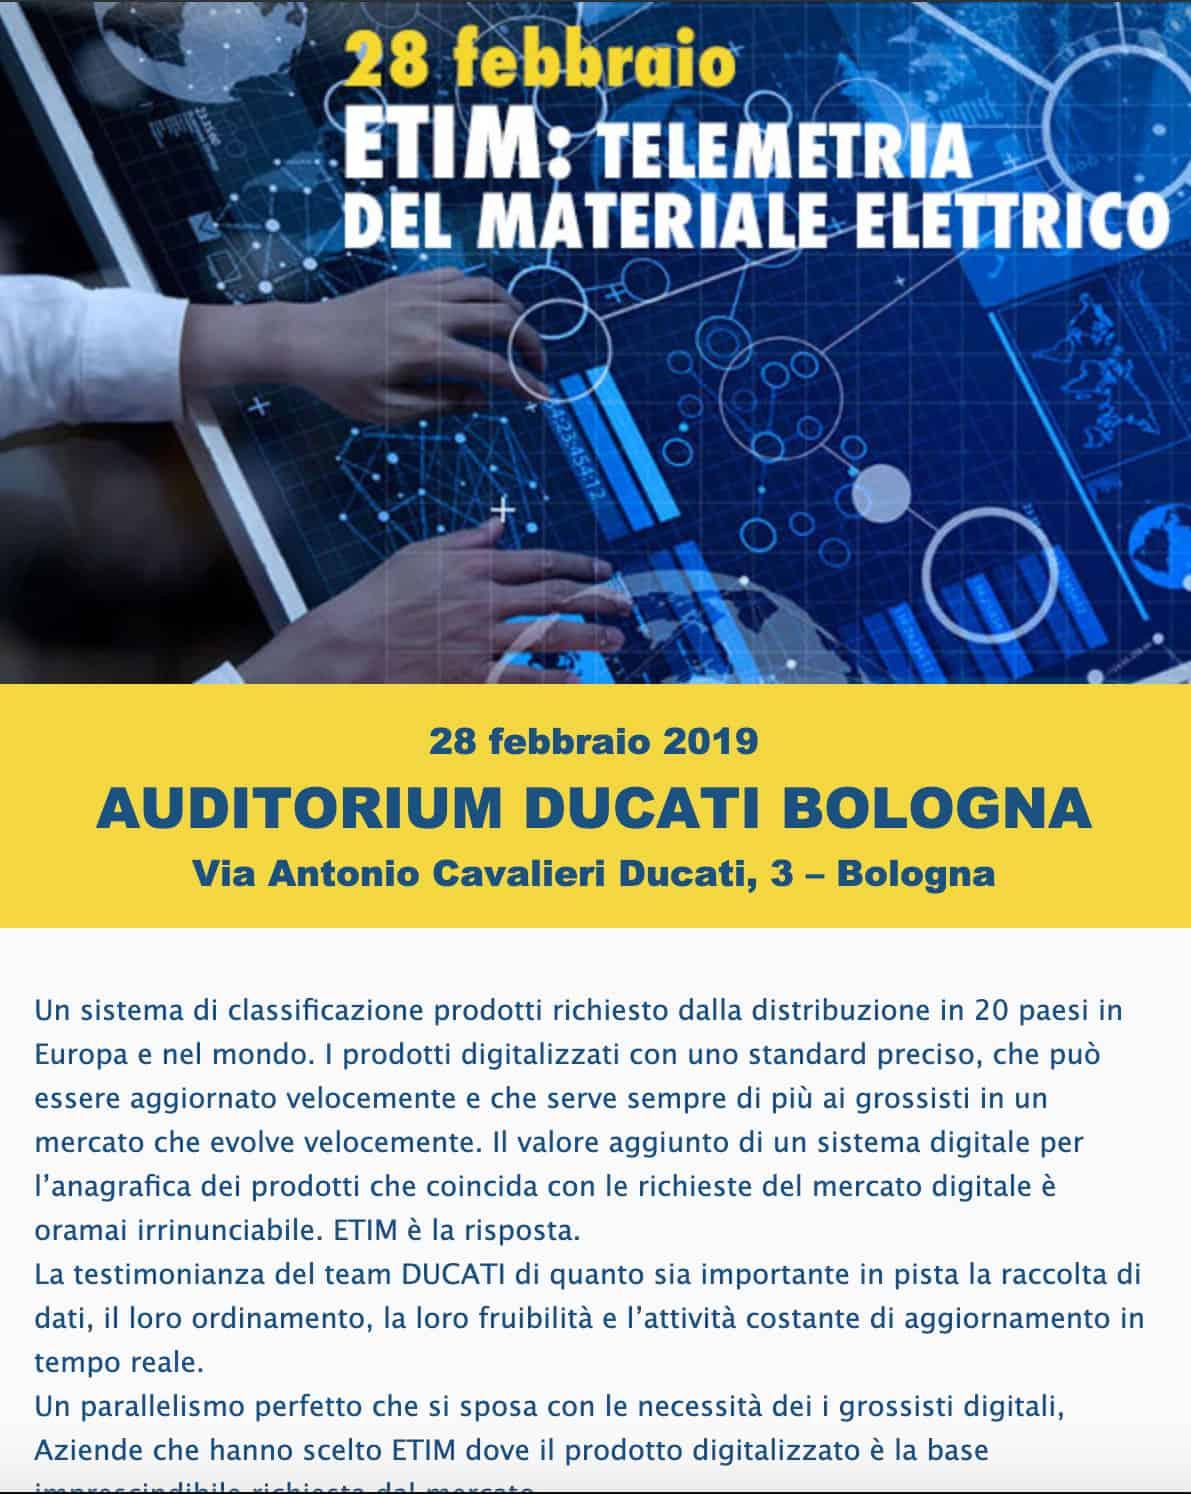 Newsletter invito evento